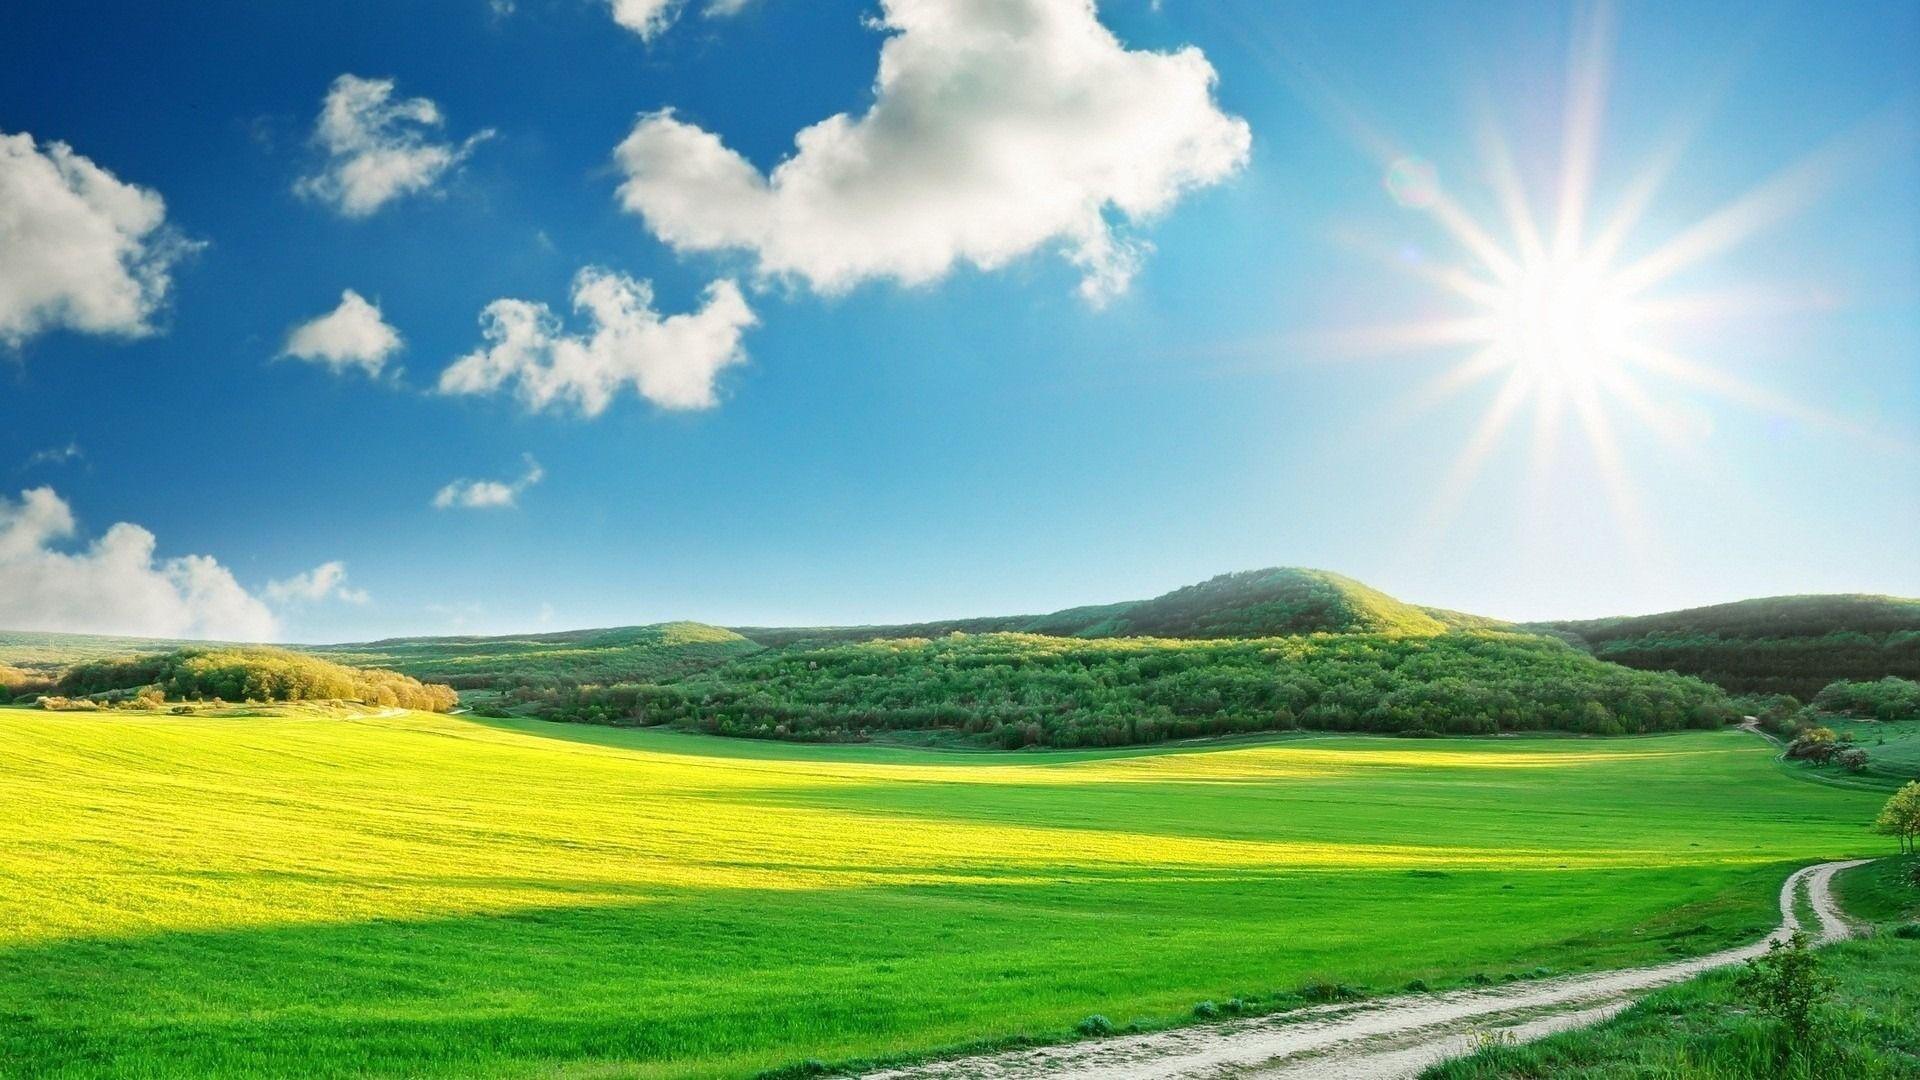 окружено картинка небо летнее для продовольственных